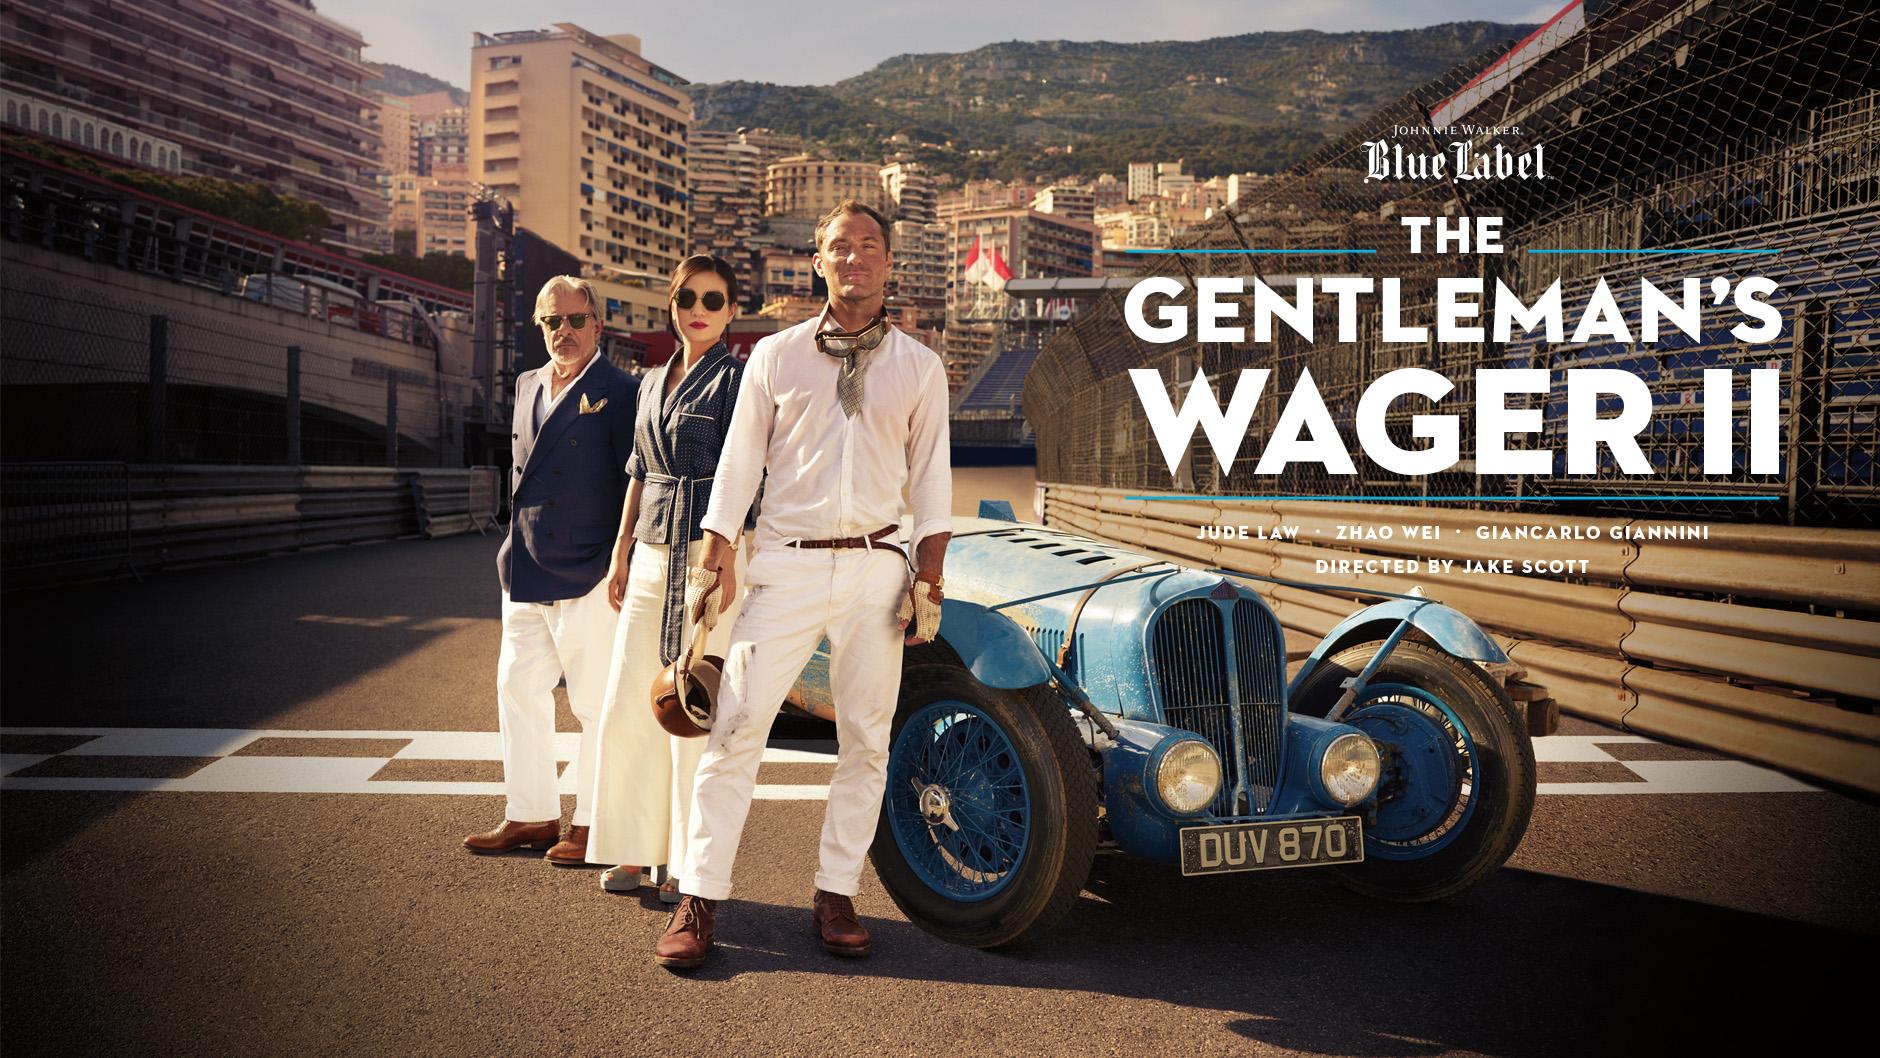 johnnie-walker-gentlemans-wager-image